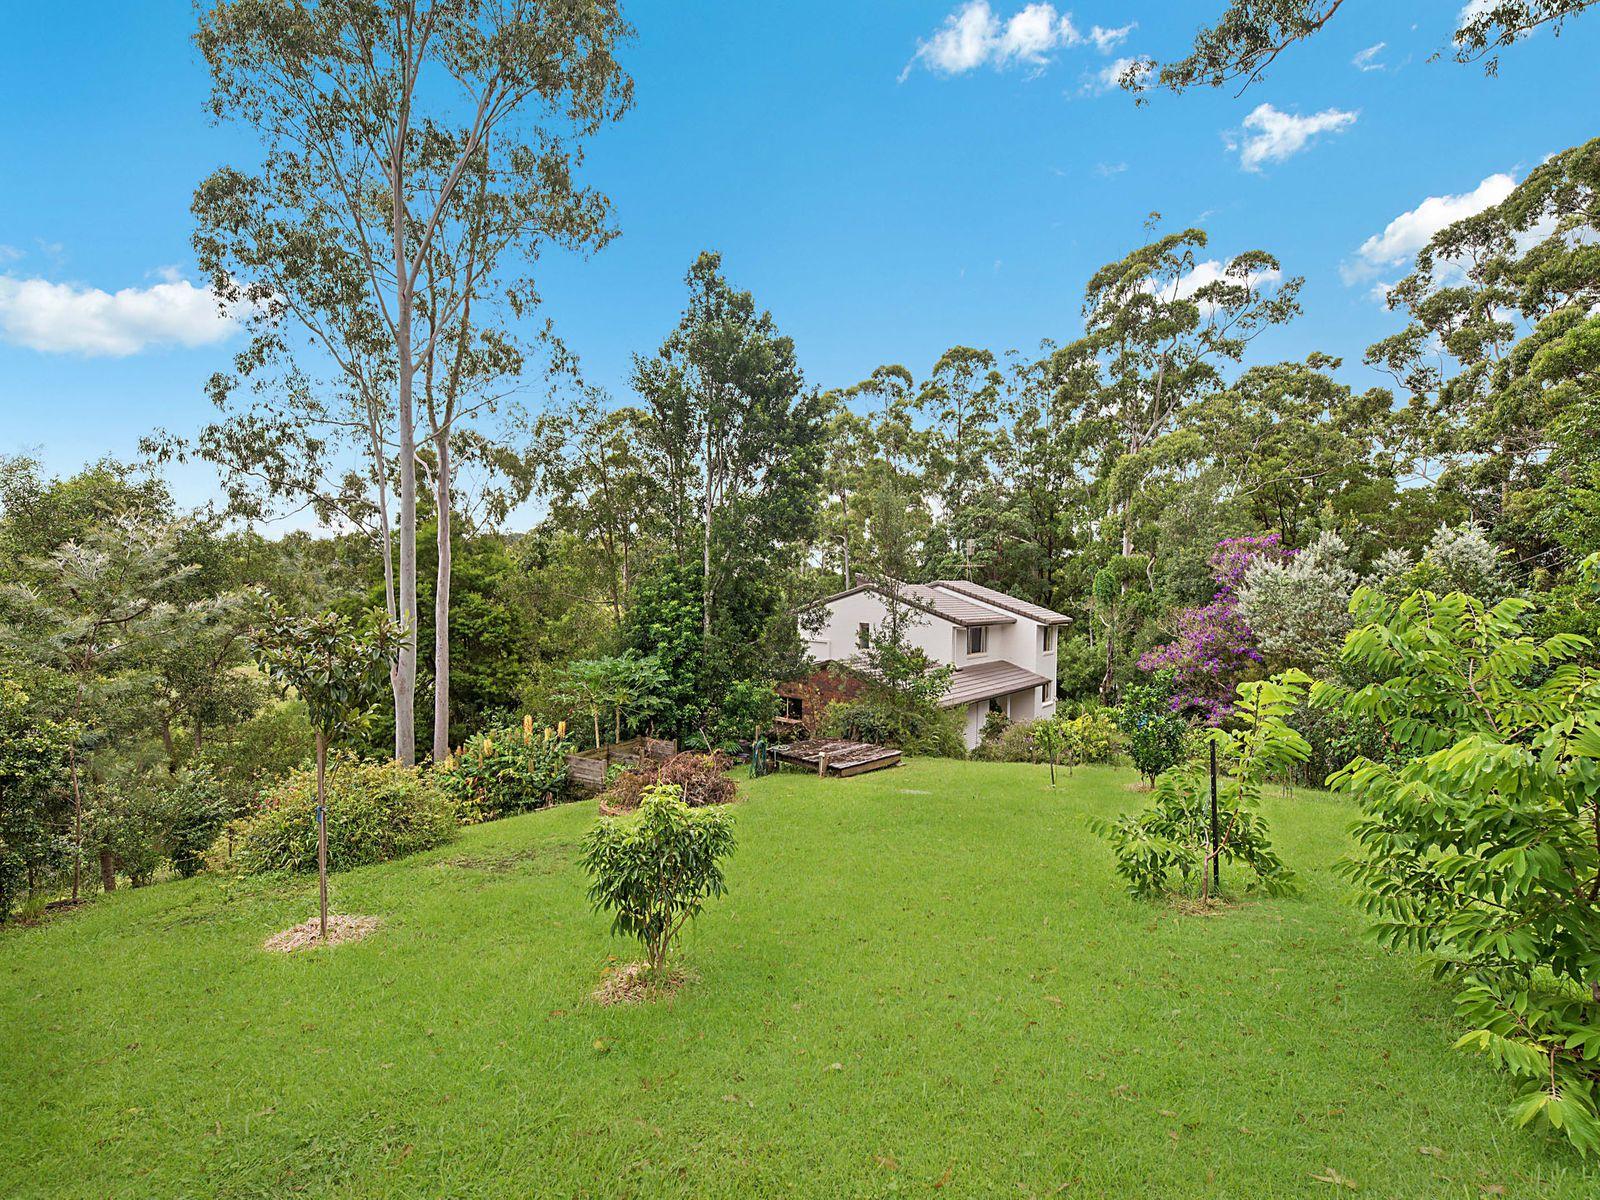 15 Scotts Road, Wootha, QLD 4552